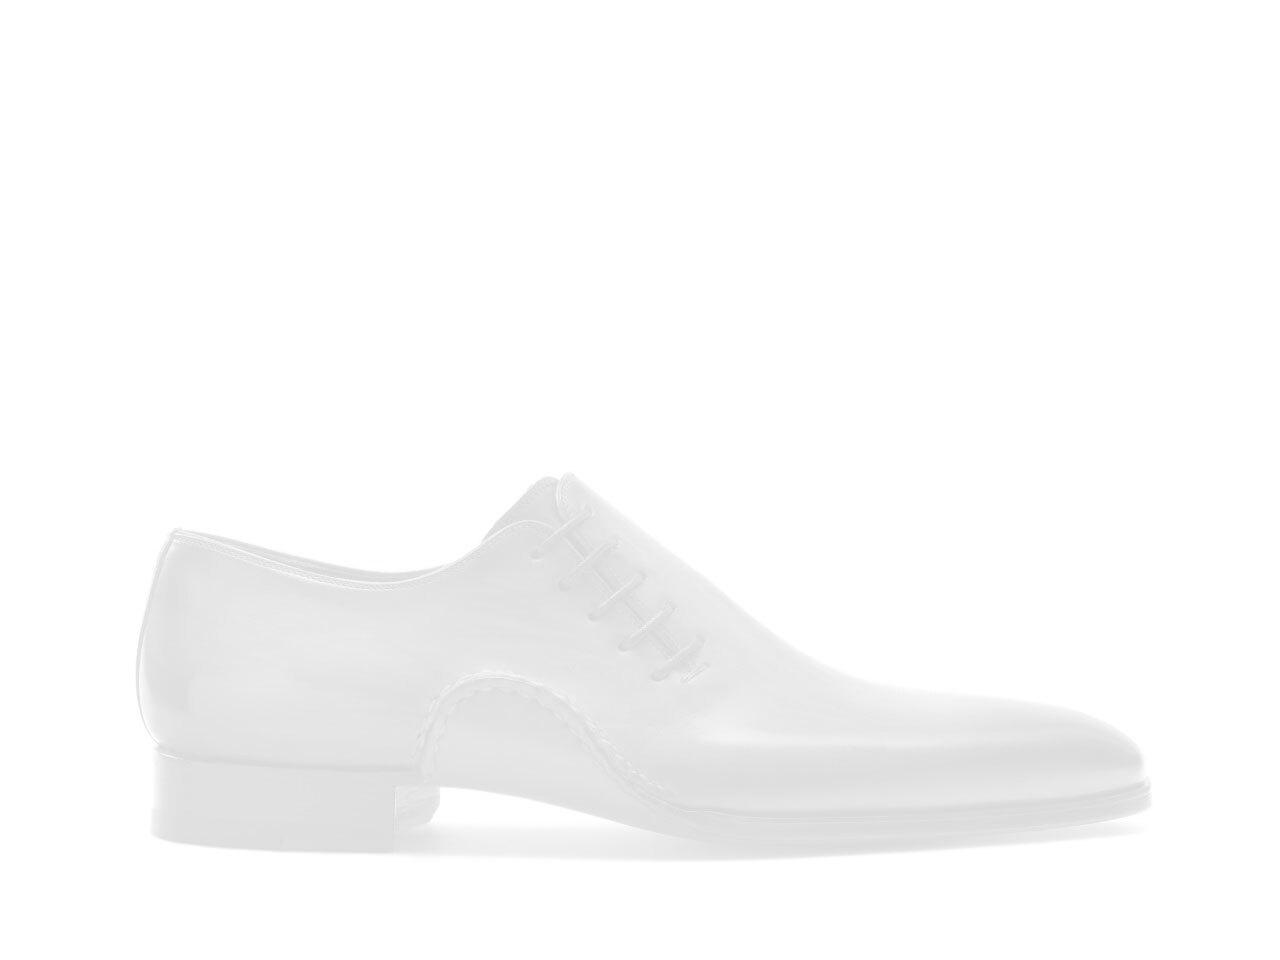 Sole of the Magnanni Cangas Cognac Men's Single Monk Strap Shoes